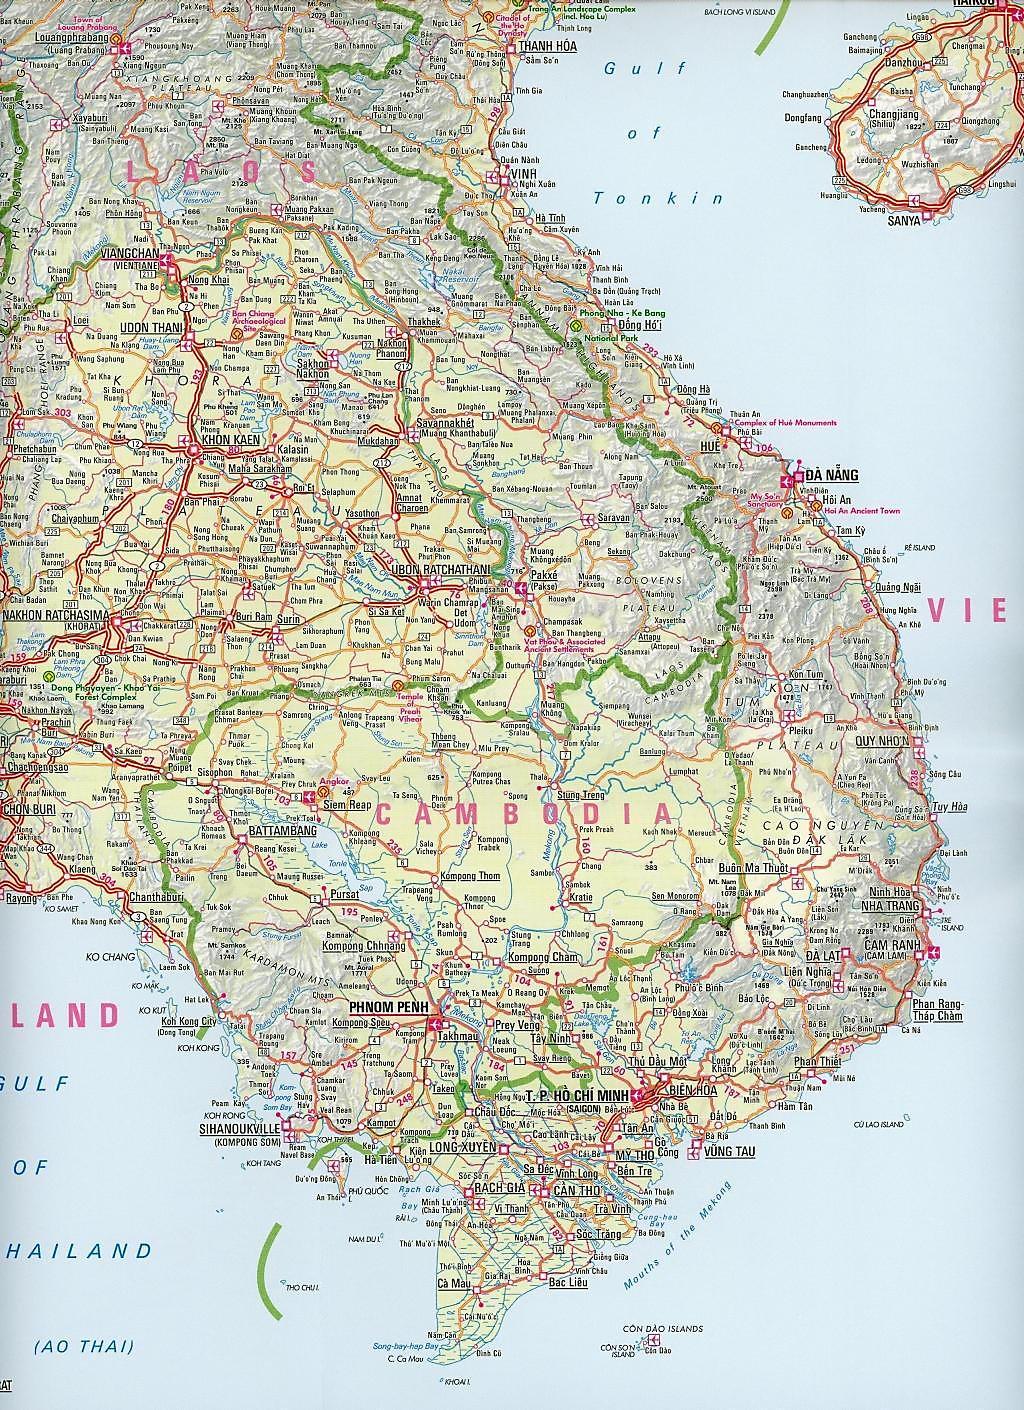 Nelles Maps Southeast Asia, Polyart-Ausgabe Südostasien Asie ...